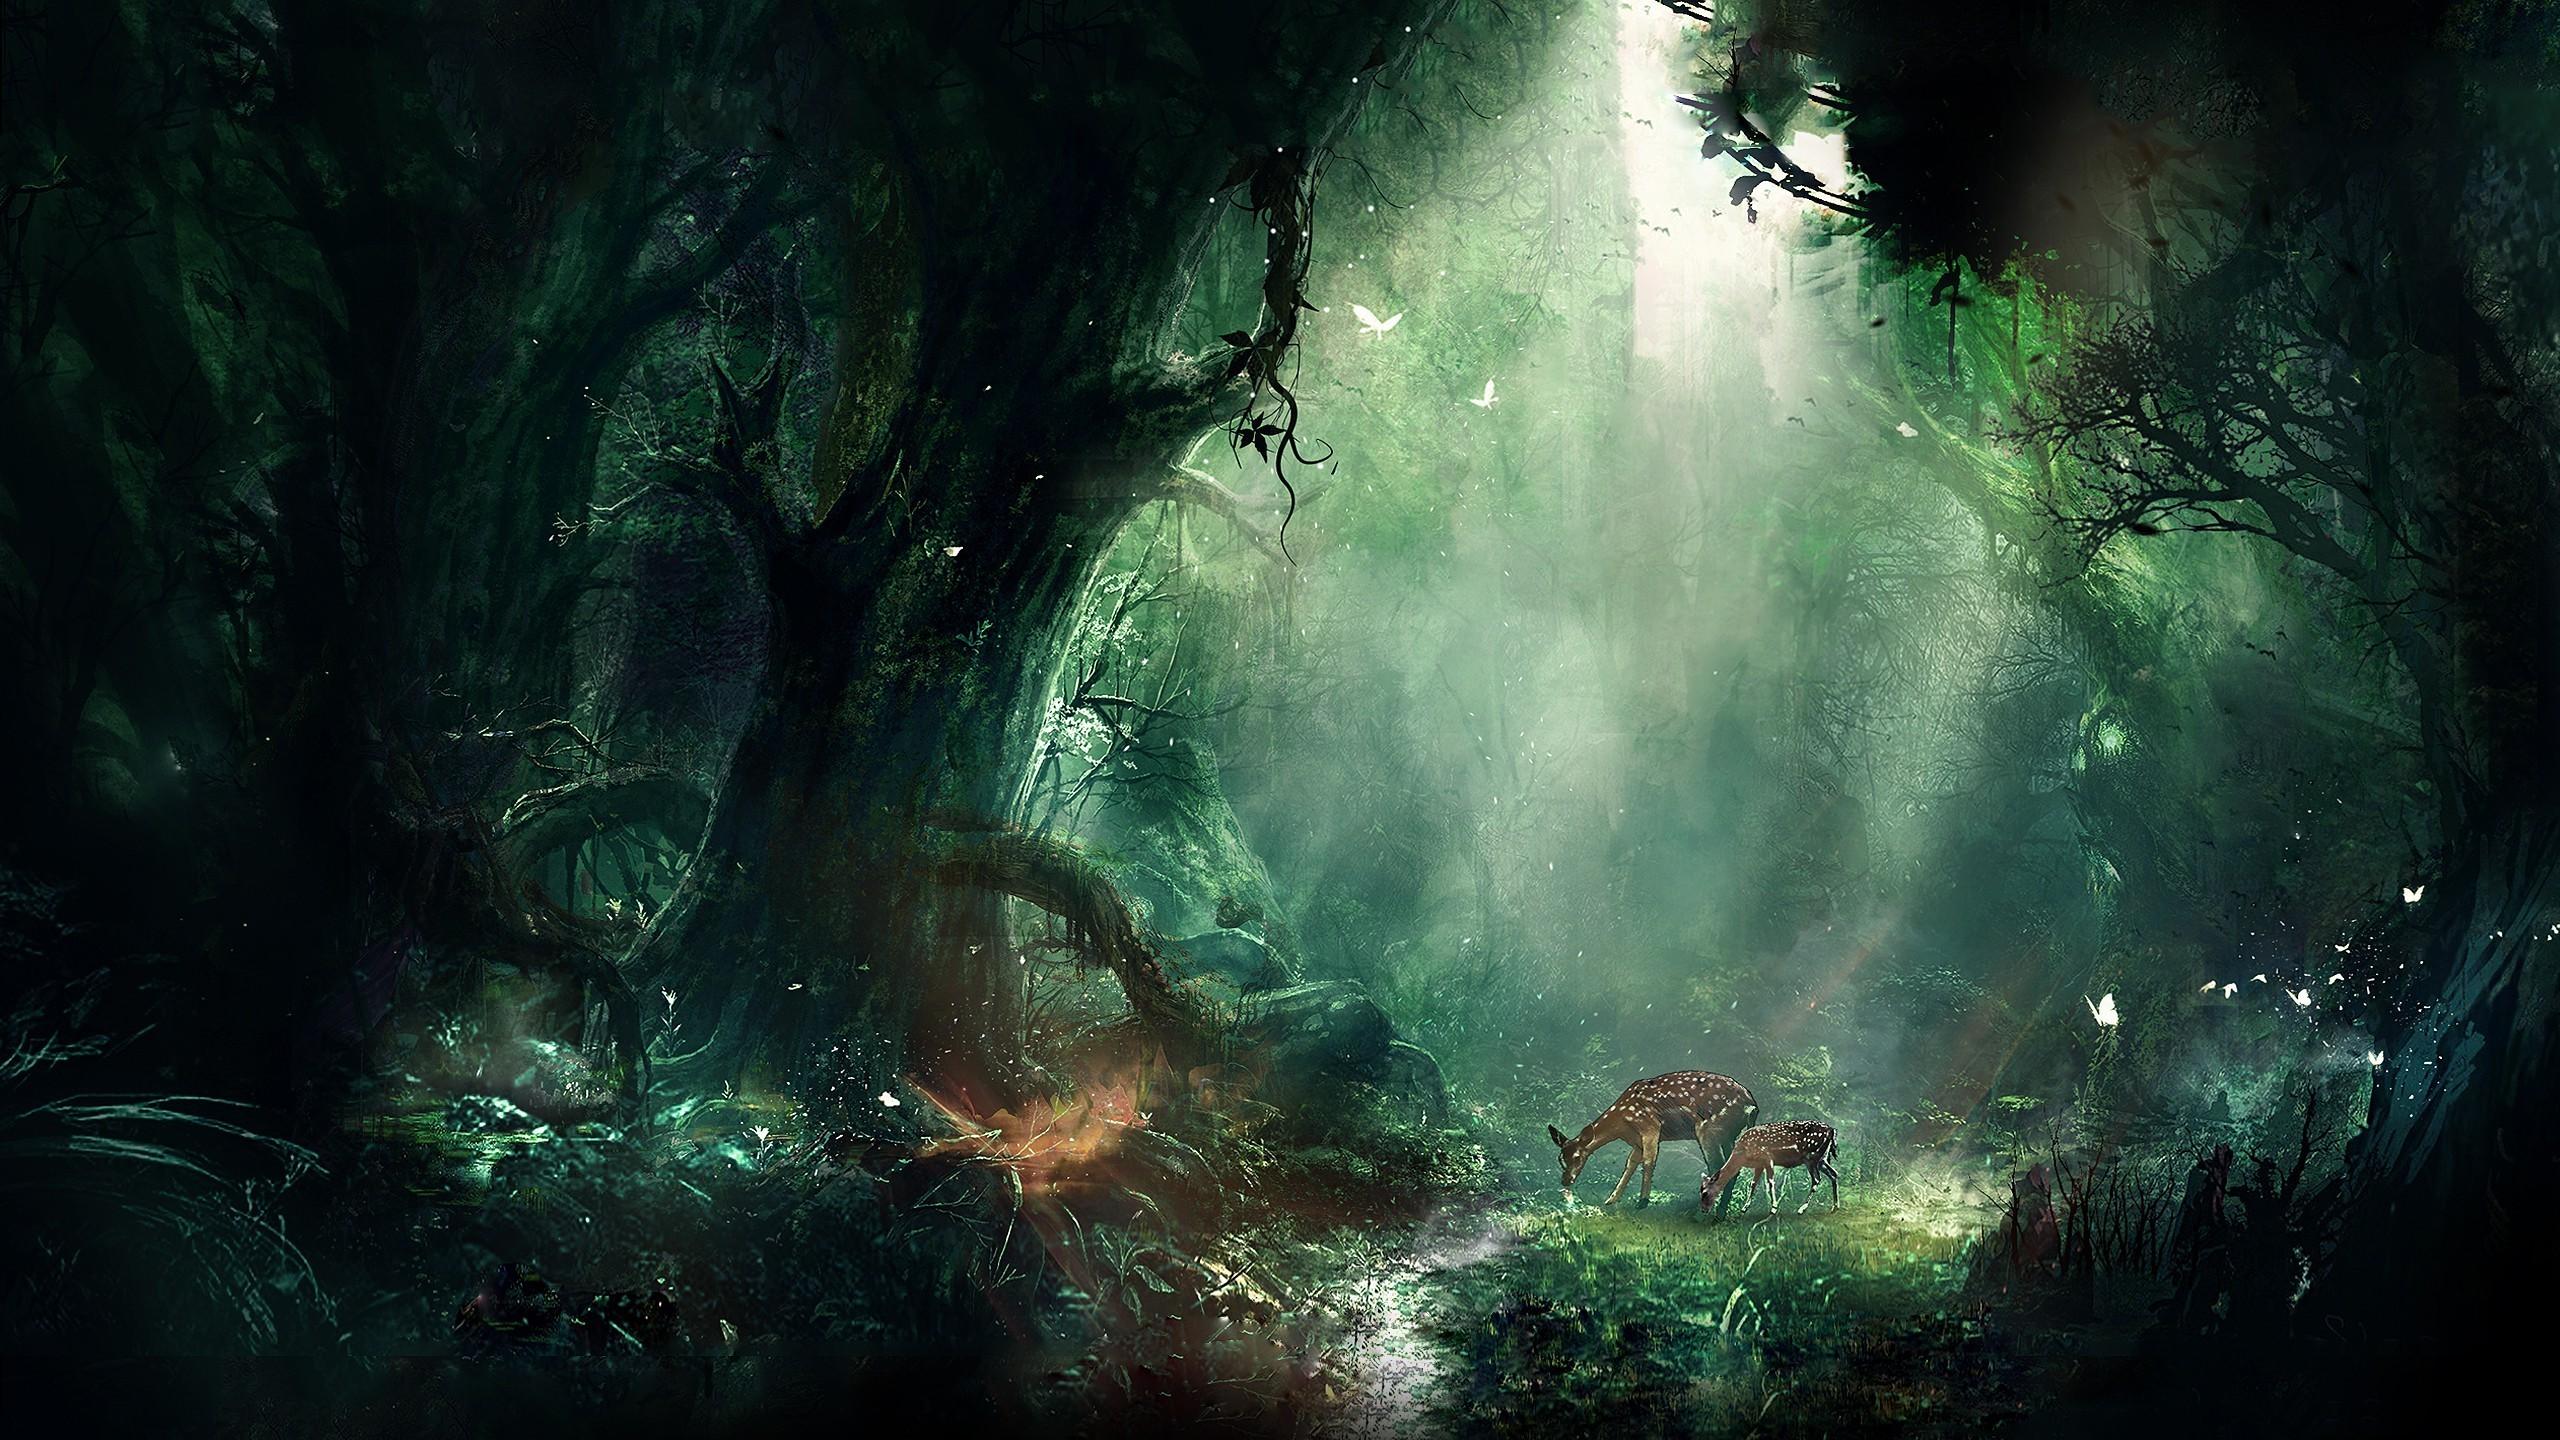 artwork, Digital Art, Fantasy Art, Deer, Forest, Nature Wallpapers HD /  Desktop and Mobile Backgrounds